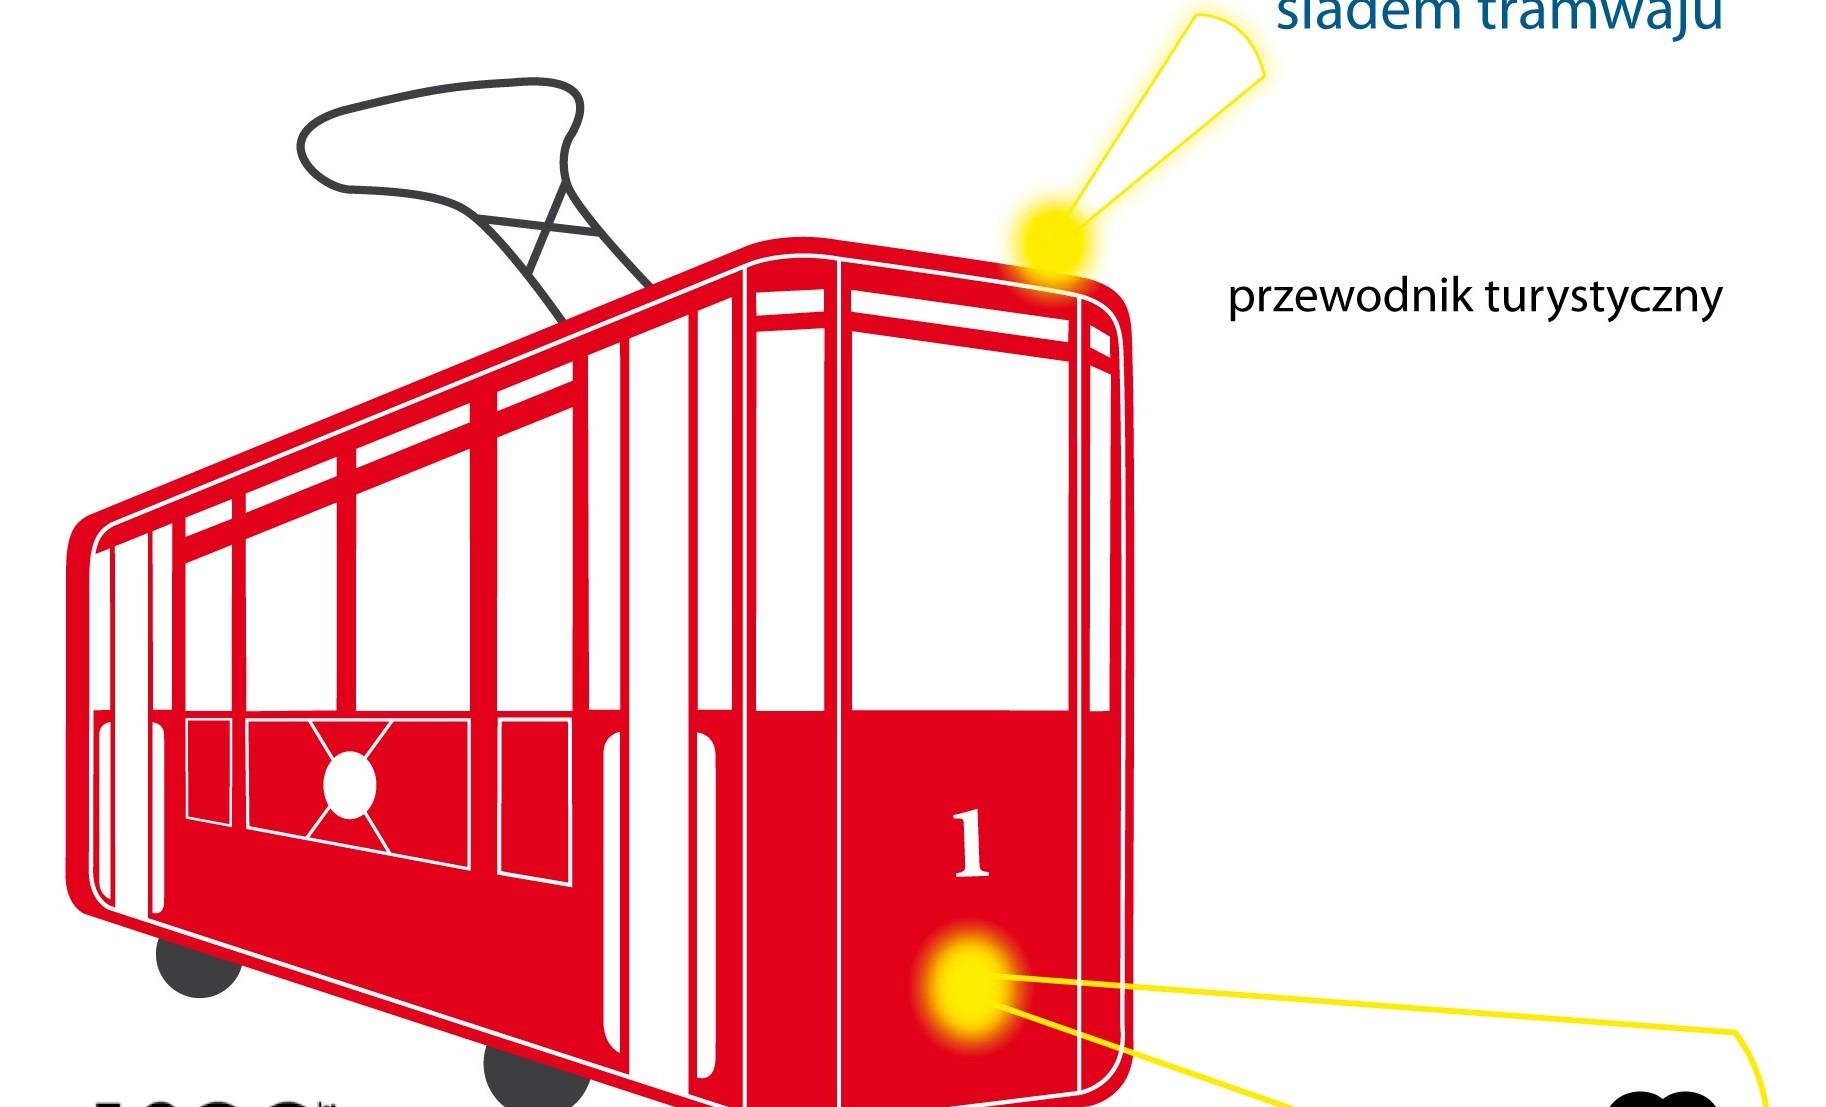 cieszyn-tramwA